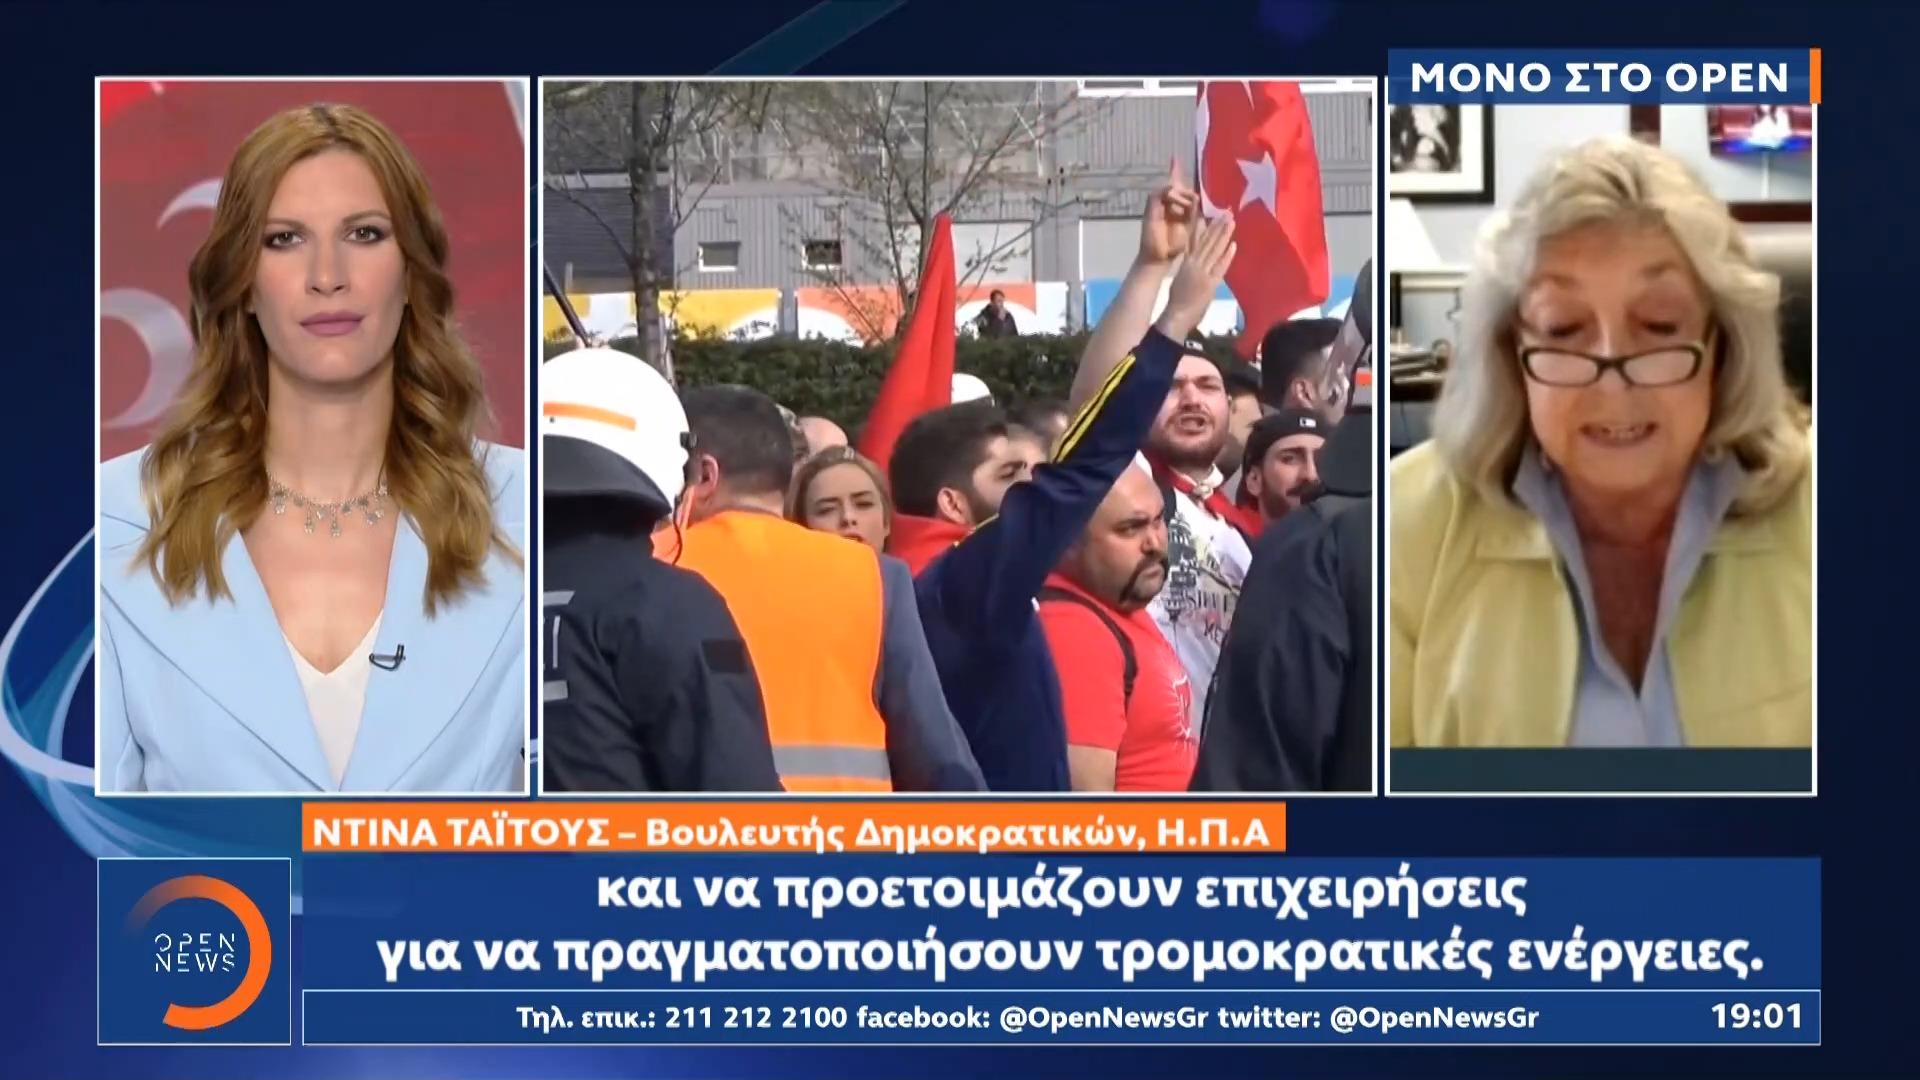 Αίτημα Ελληνο-αμερικανίδας βουλευτή να χαρακτηριστούν τρομοκρατική οργάνωση οι Γκρίζοι Λύκοι